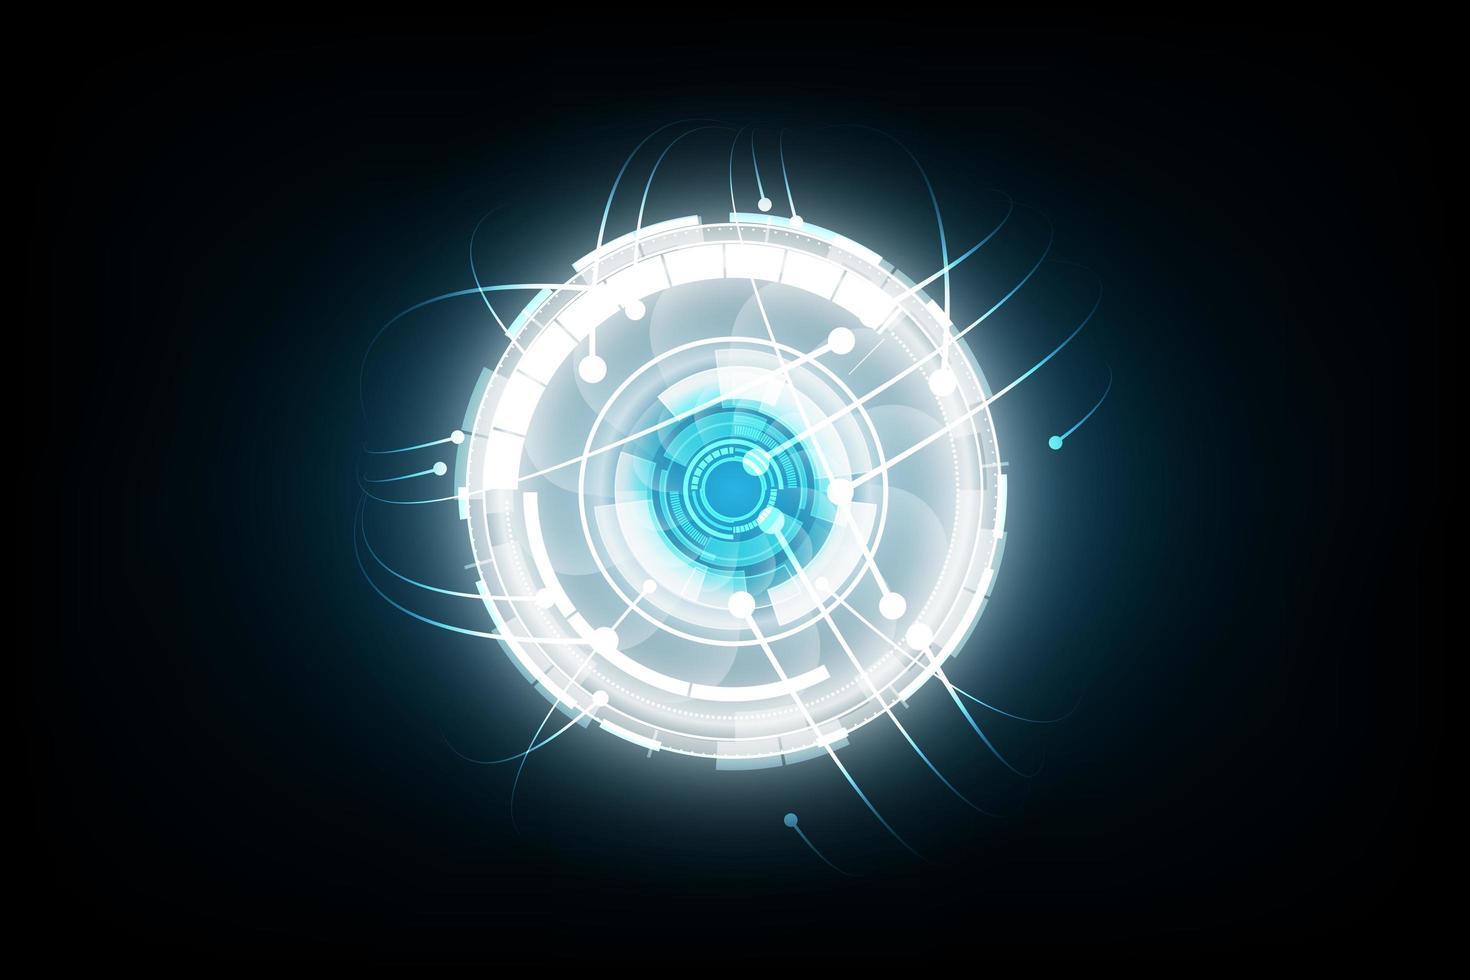 fond de concept de technologie abstraite, illustration vectorielle vecteur